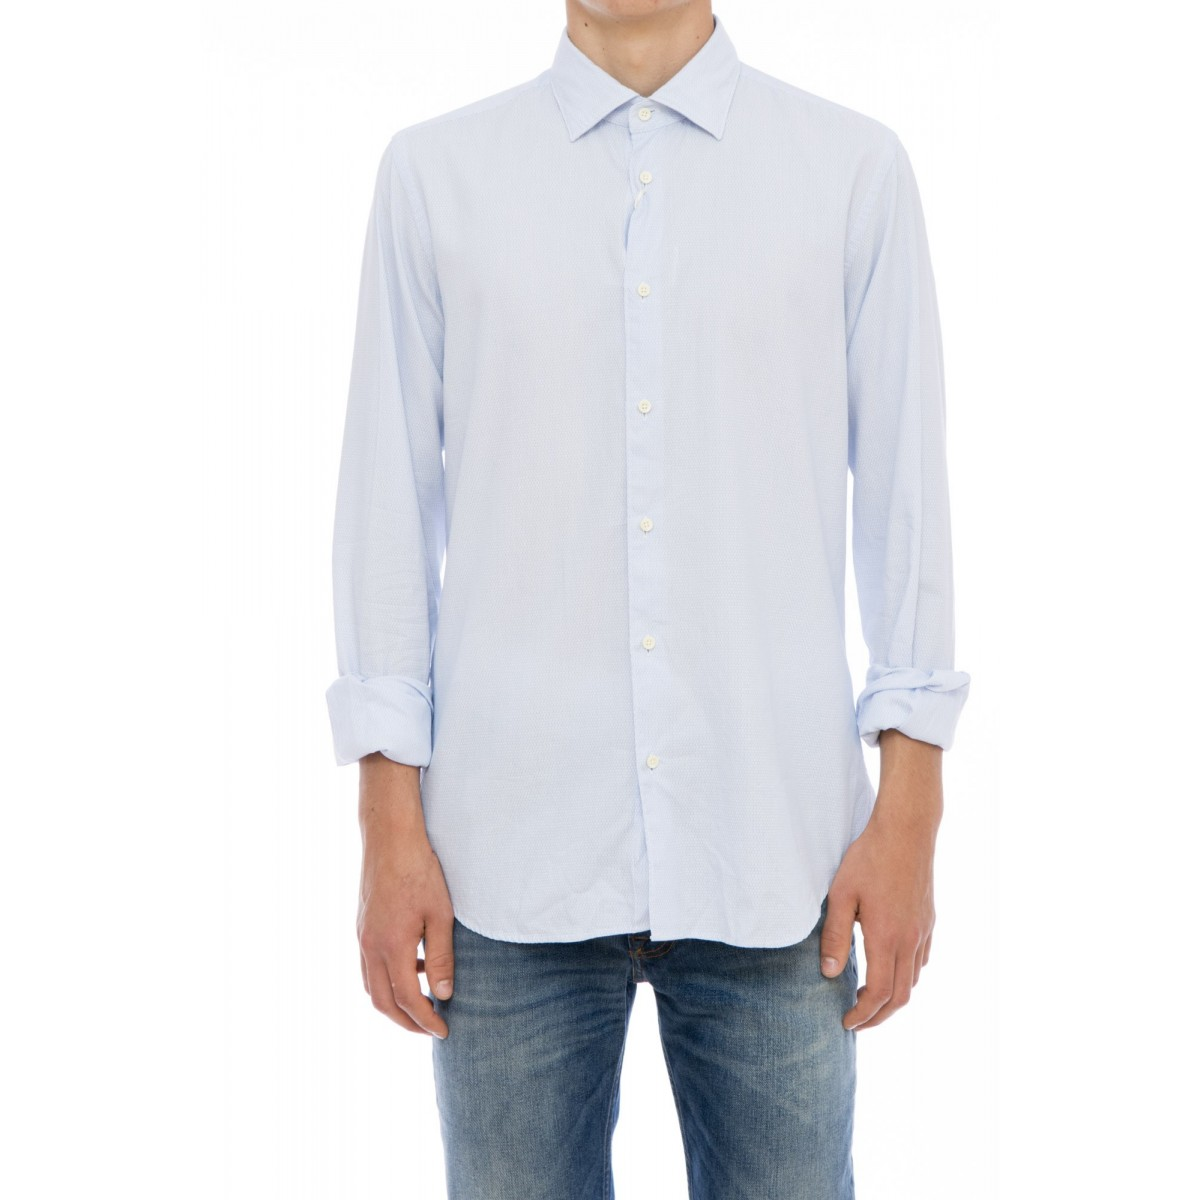 Camicia uomo Xacus - 719 71156 camicia taylor lavata